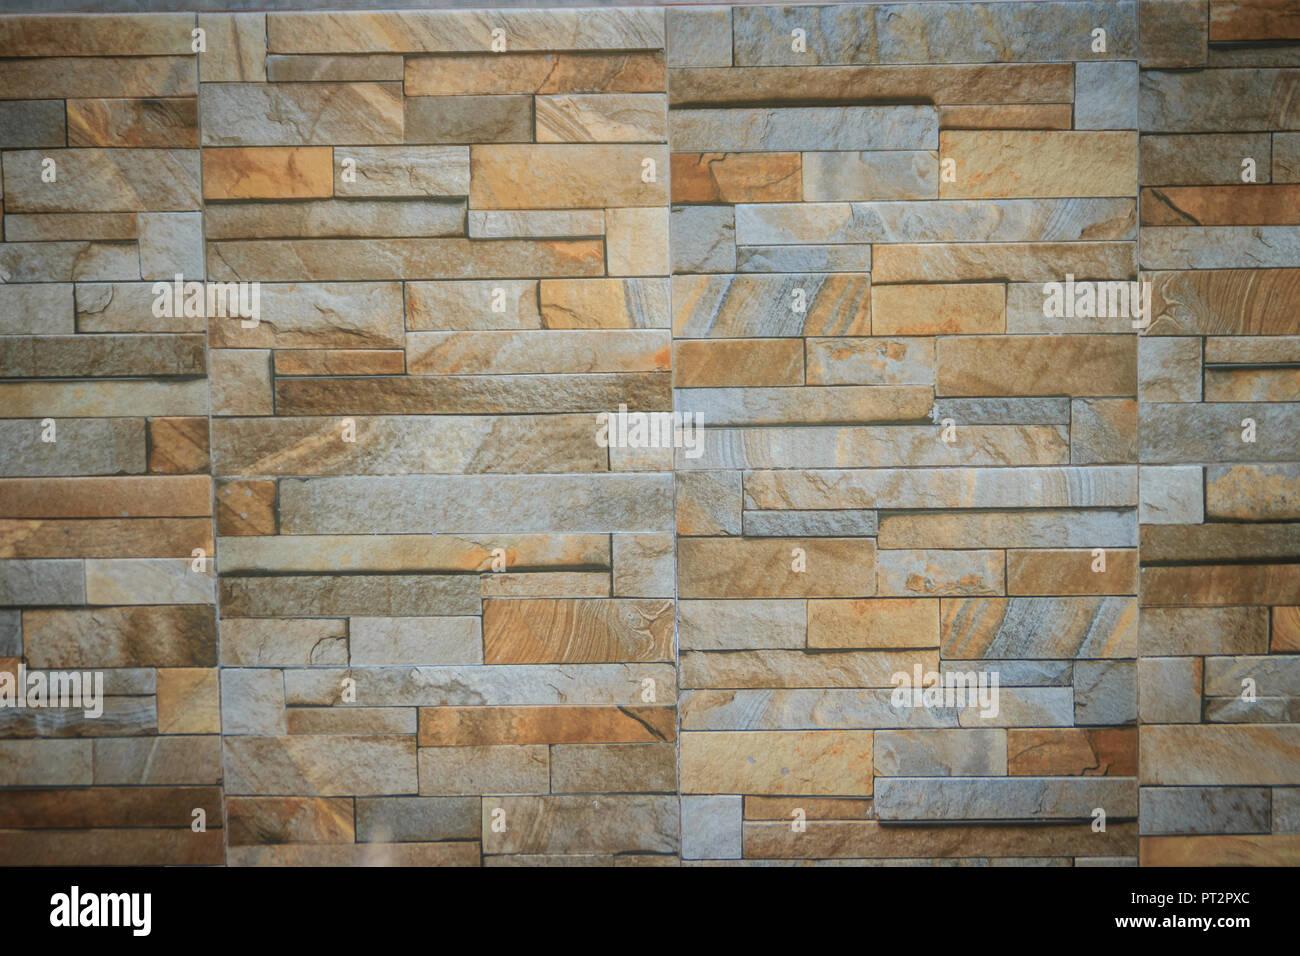 Piastrelle a muro modellata come la pietra naturale spaccata